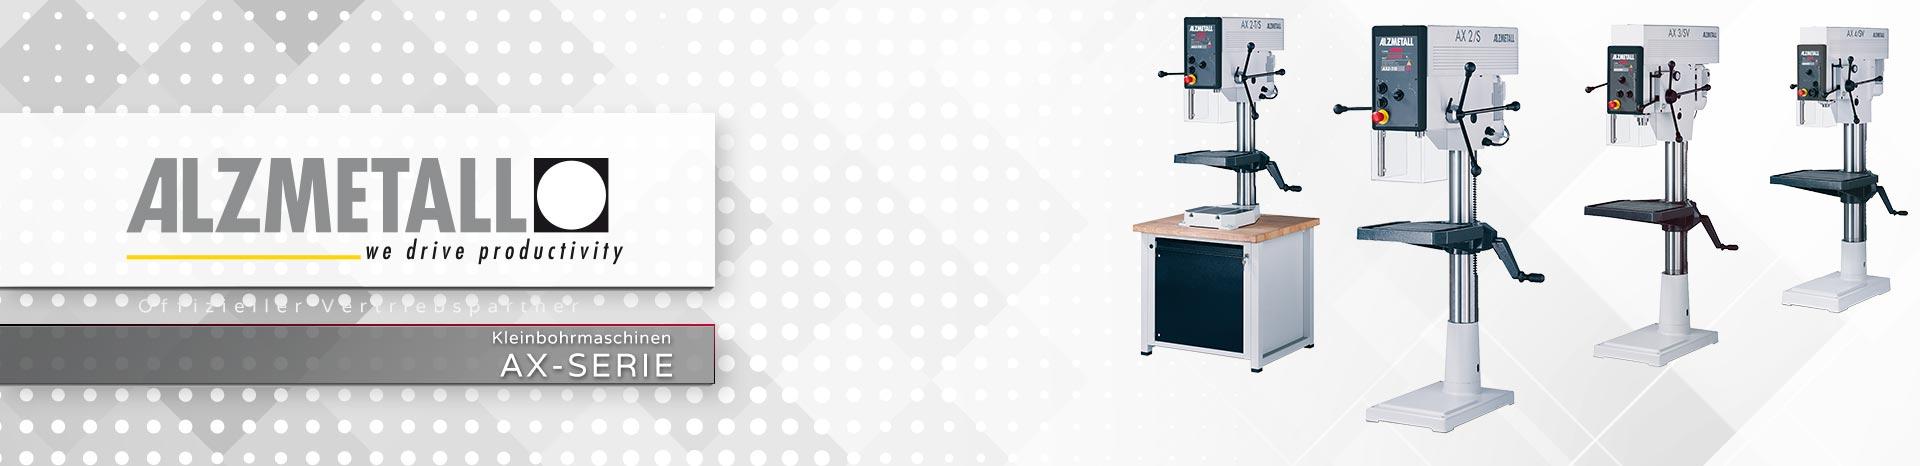 Die AX-Serie in der Übersicht | Säulen- und Tischbohrmaschinen